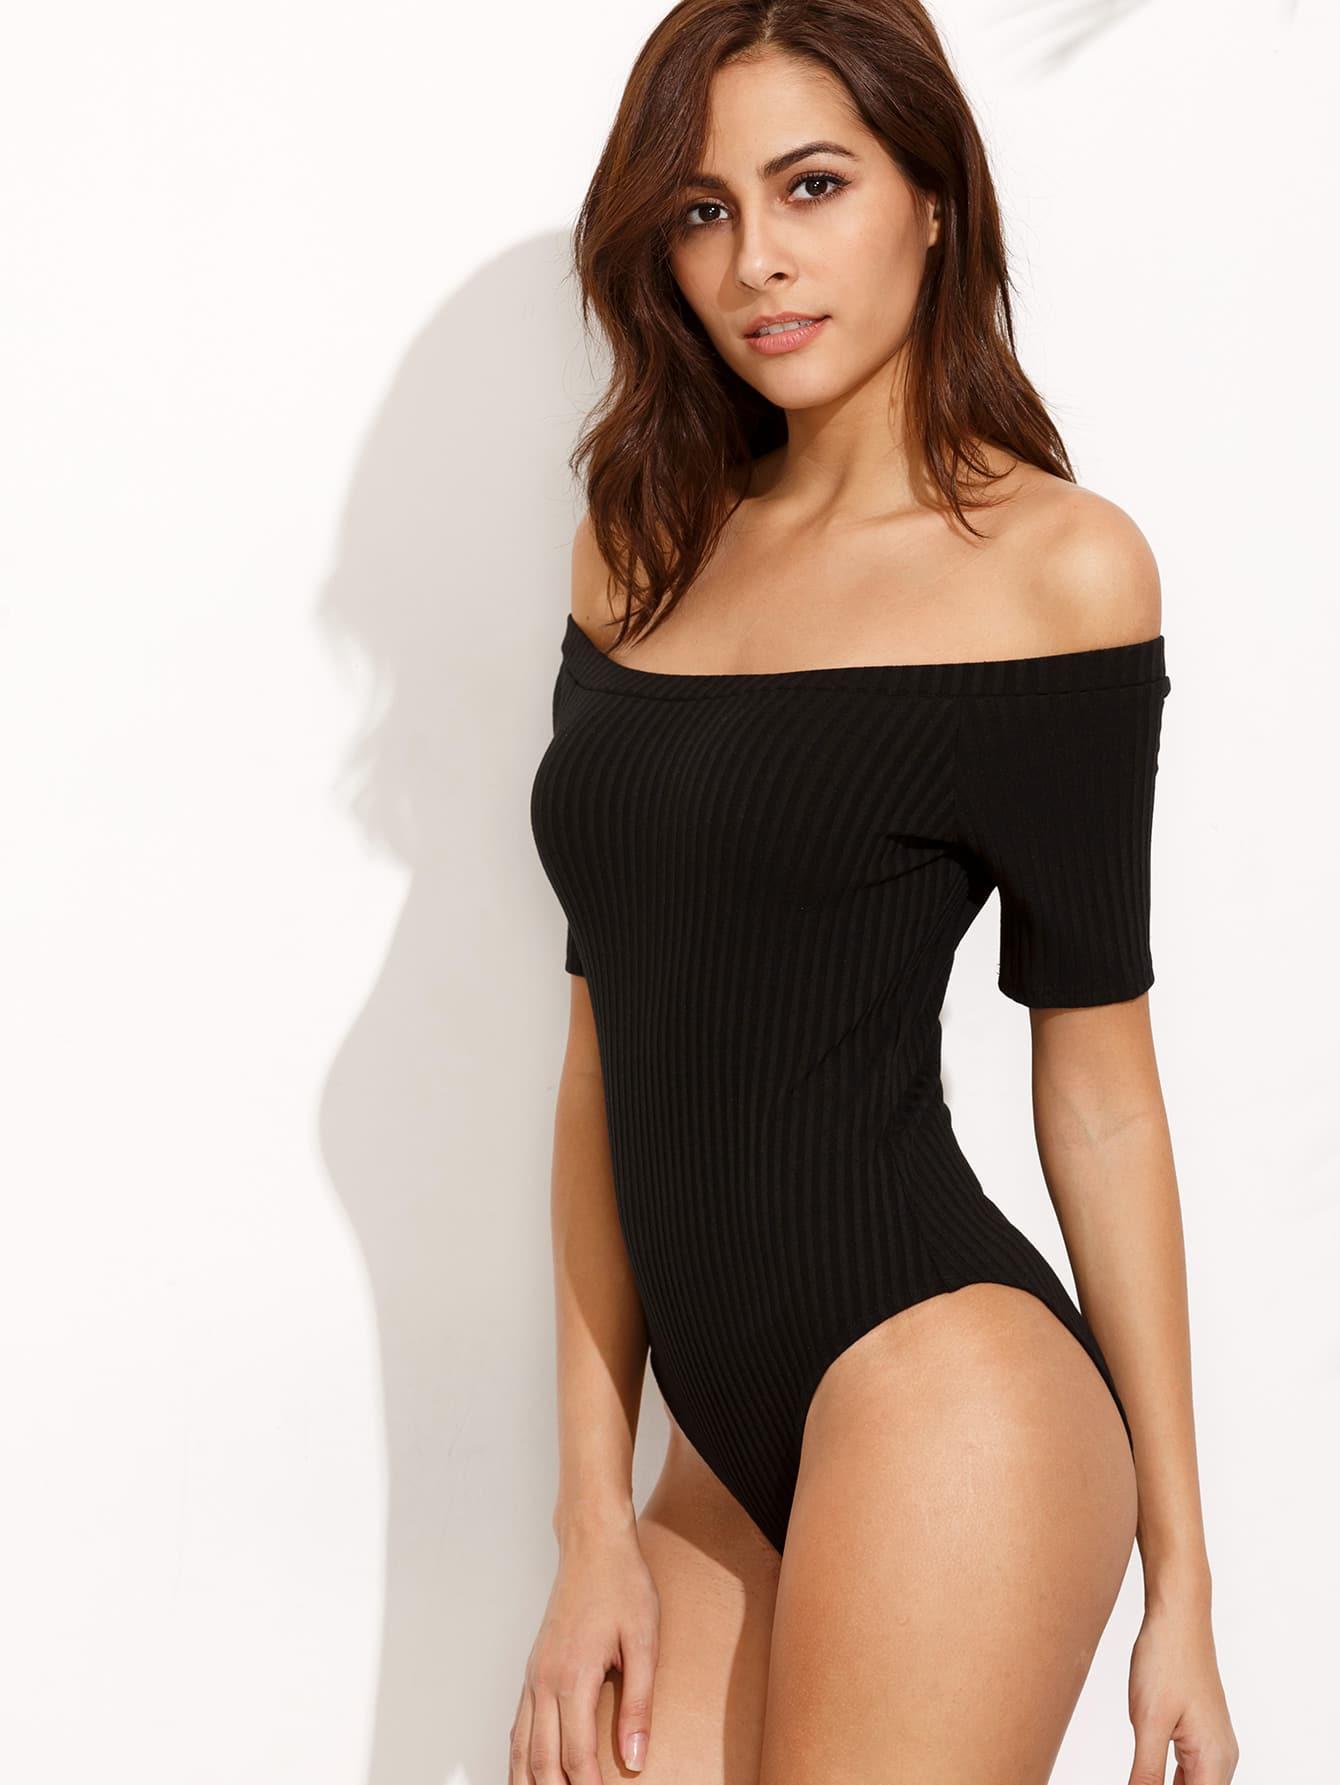 Bardot Neckline Ribbed Bodysuit bodysuit160725716